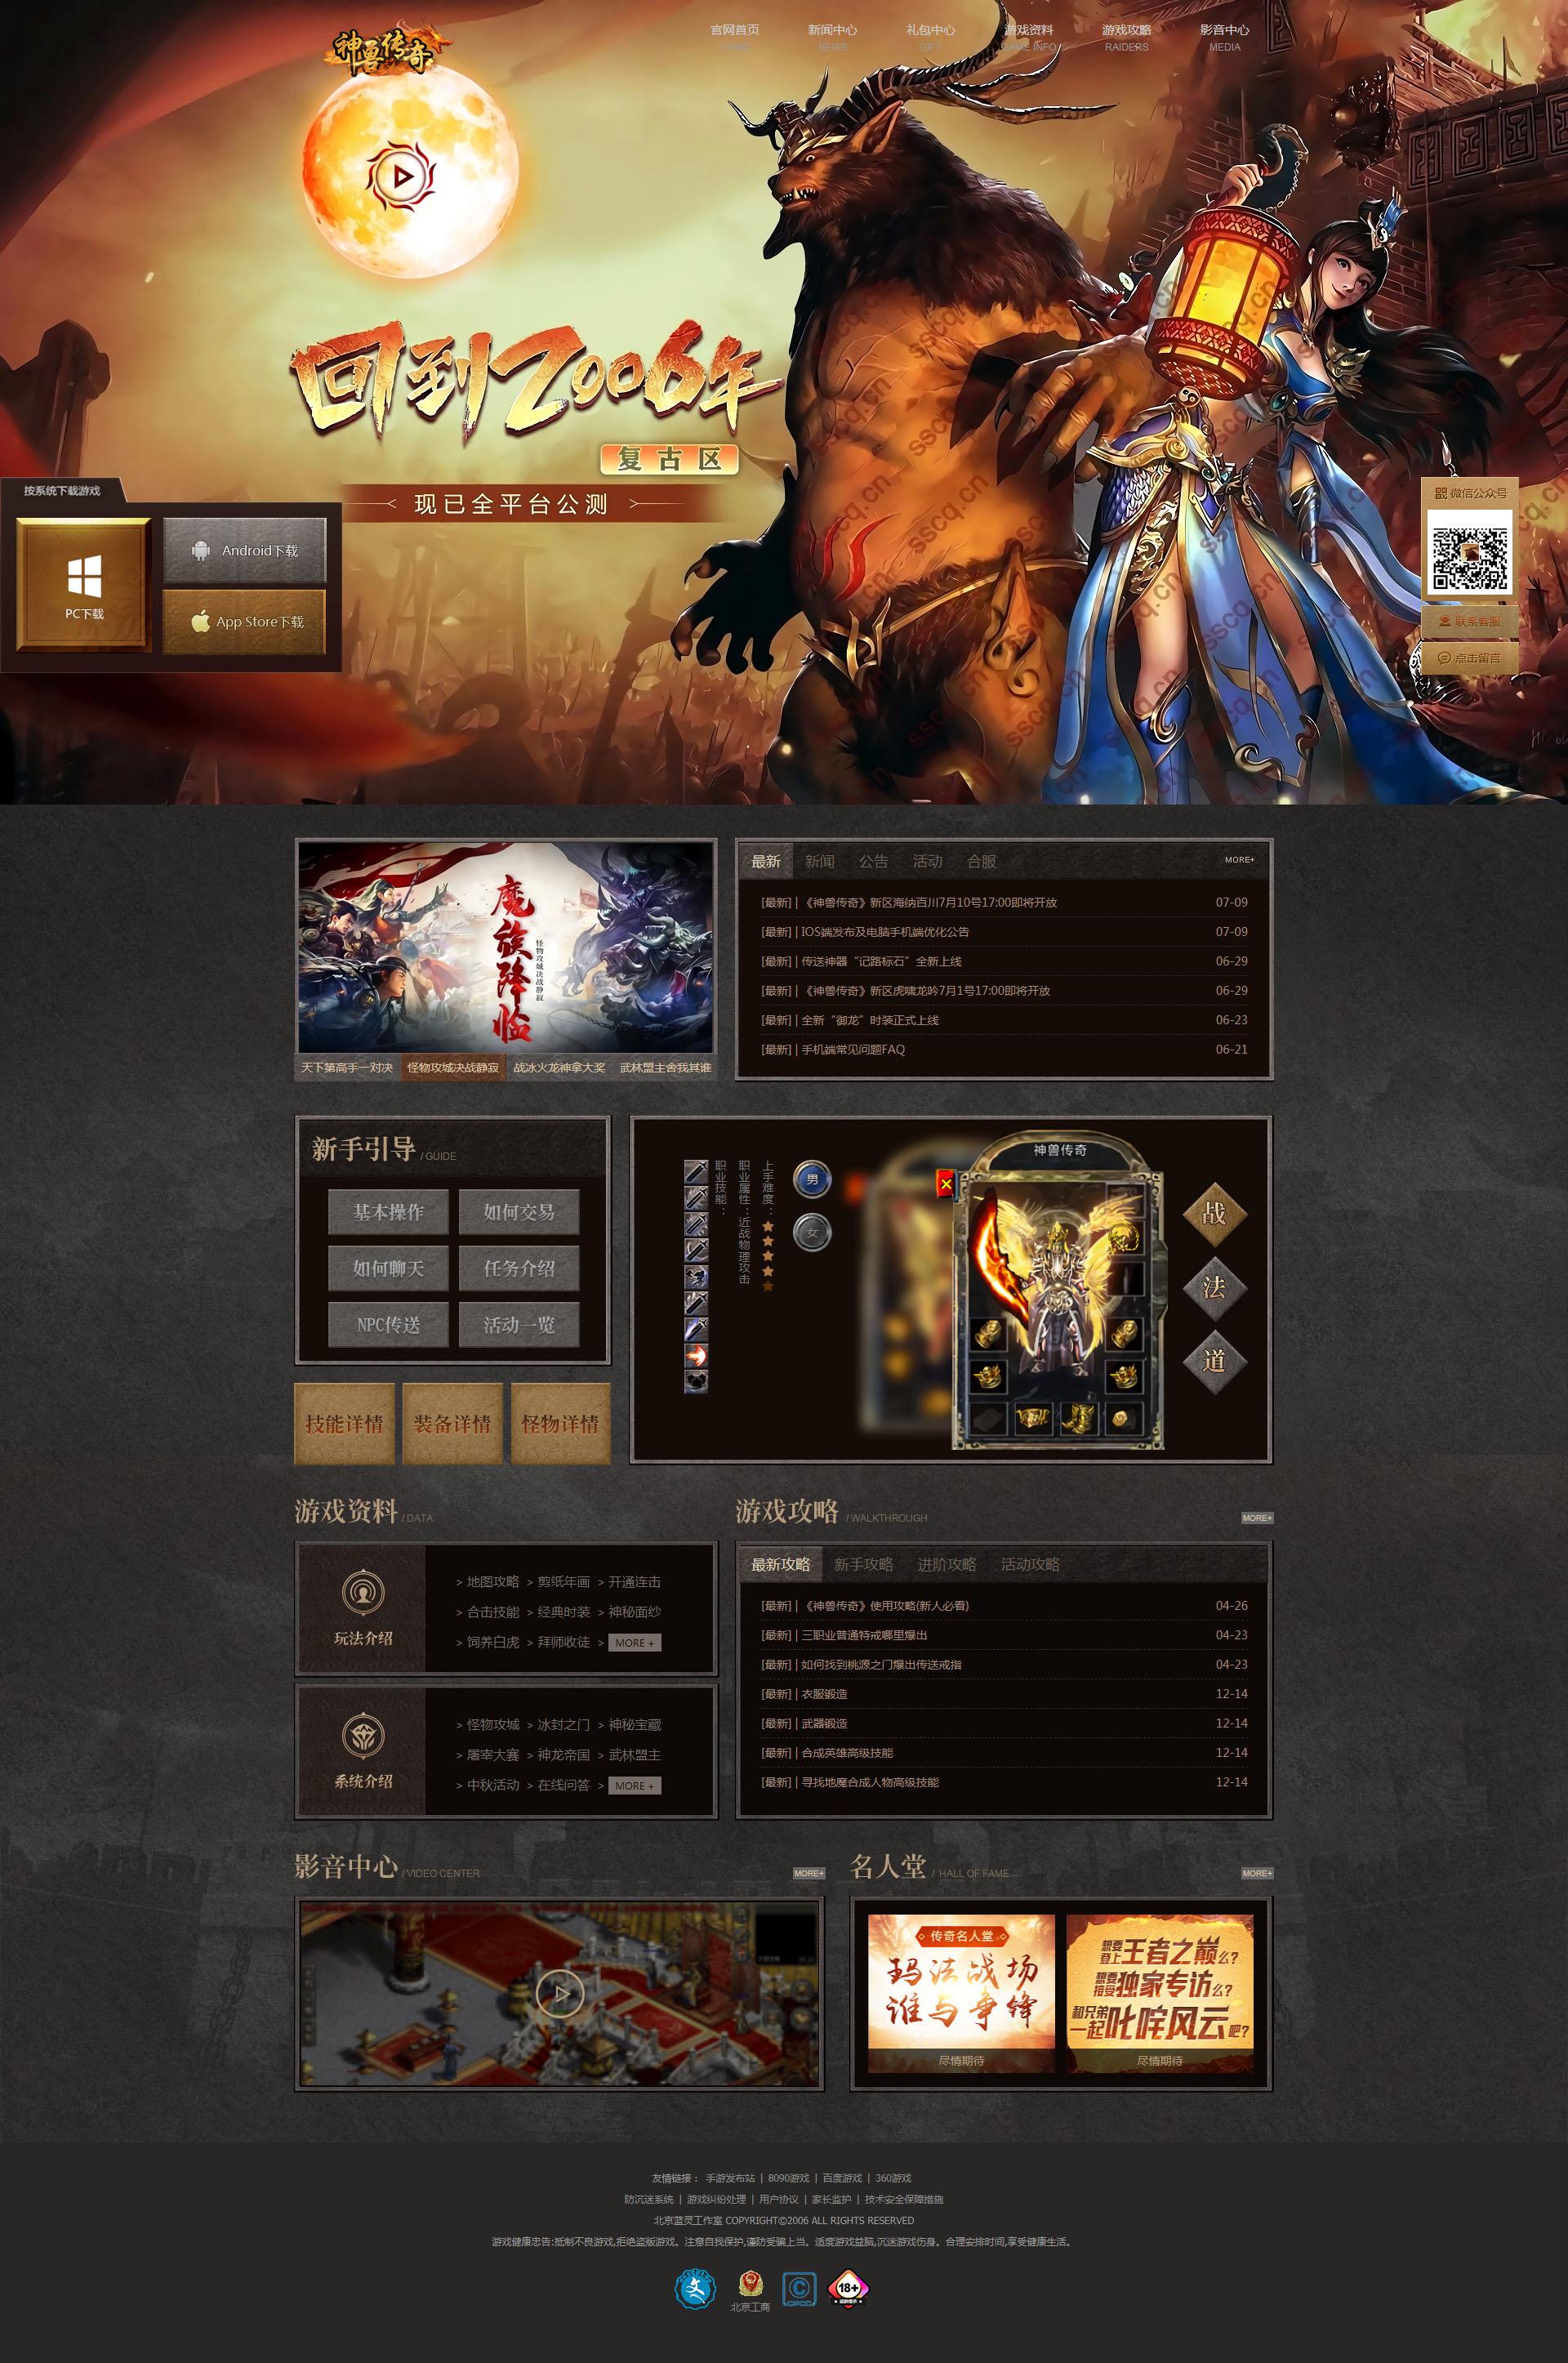 《神兽传奇》 开区网站模板传奇源码 PHP源码带后台 带手机端